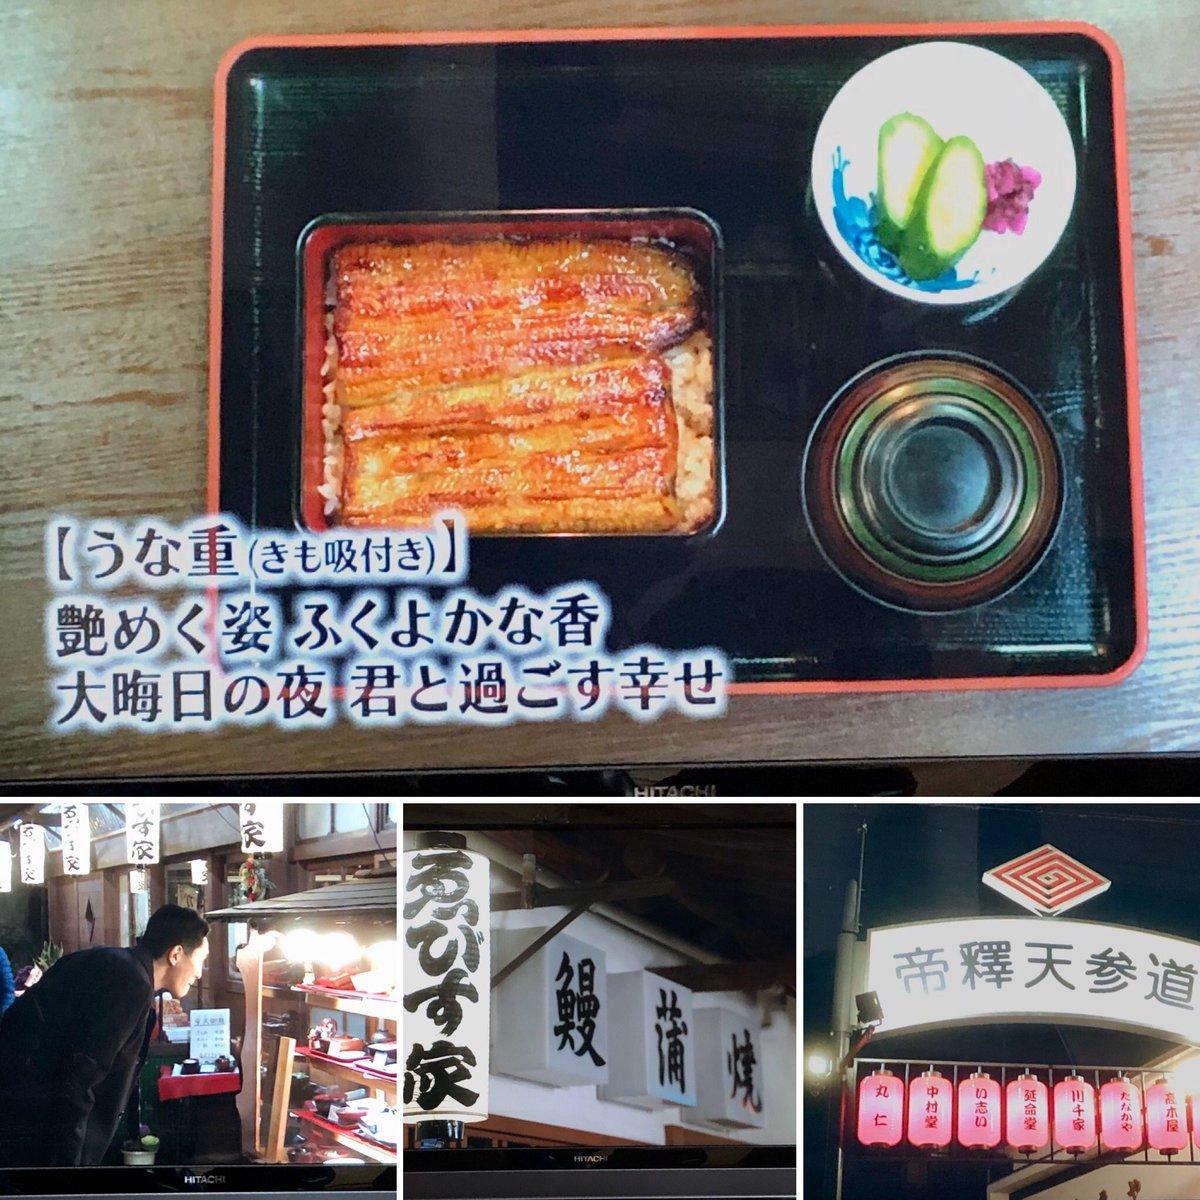 えびすや 柴又 うなぎ・日本料理 ゑびす家